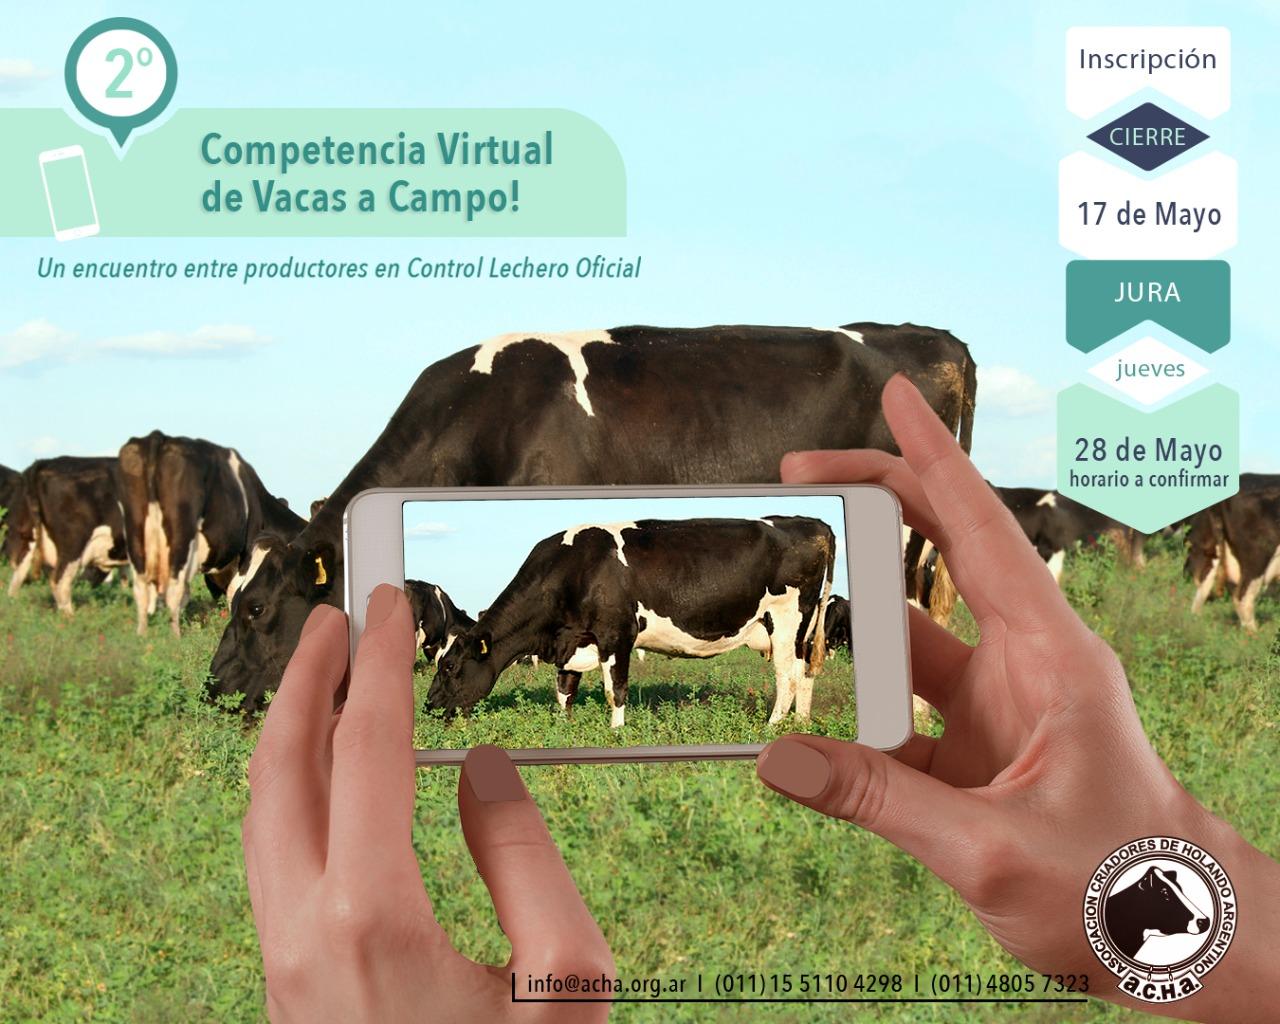 Segunda competencia virtual de vacas a campo: inscripción finaliza lunes 17